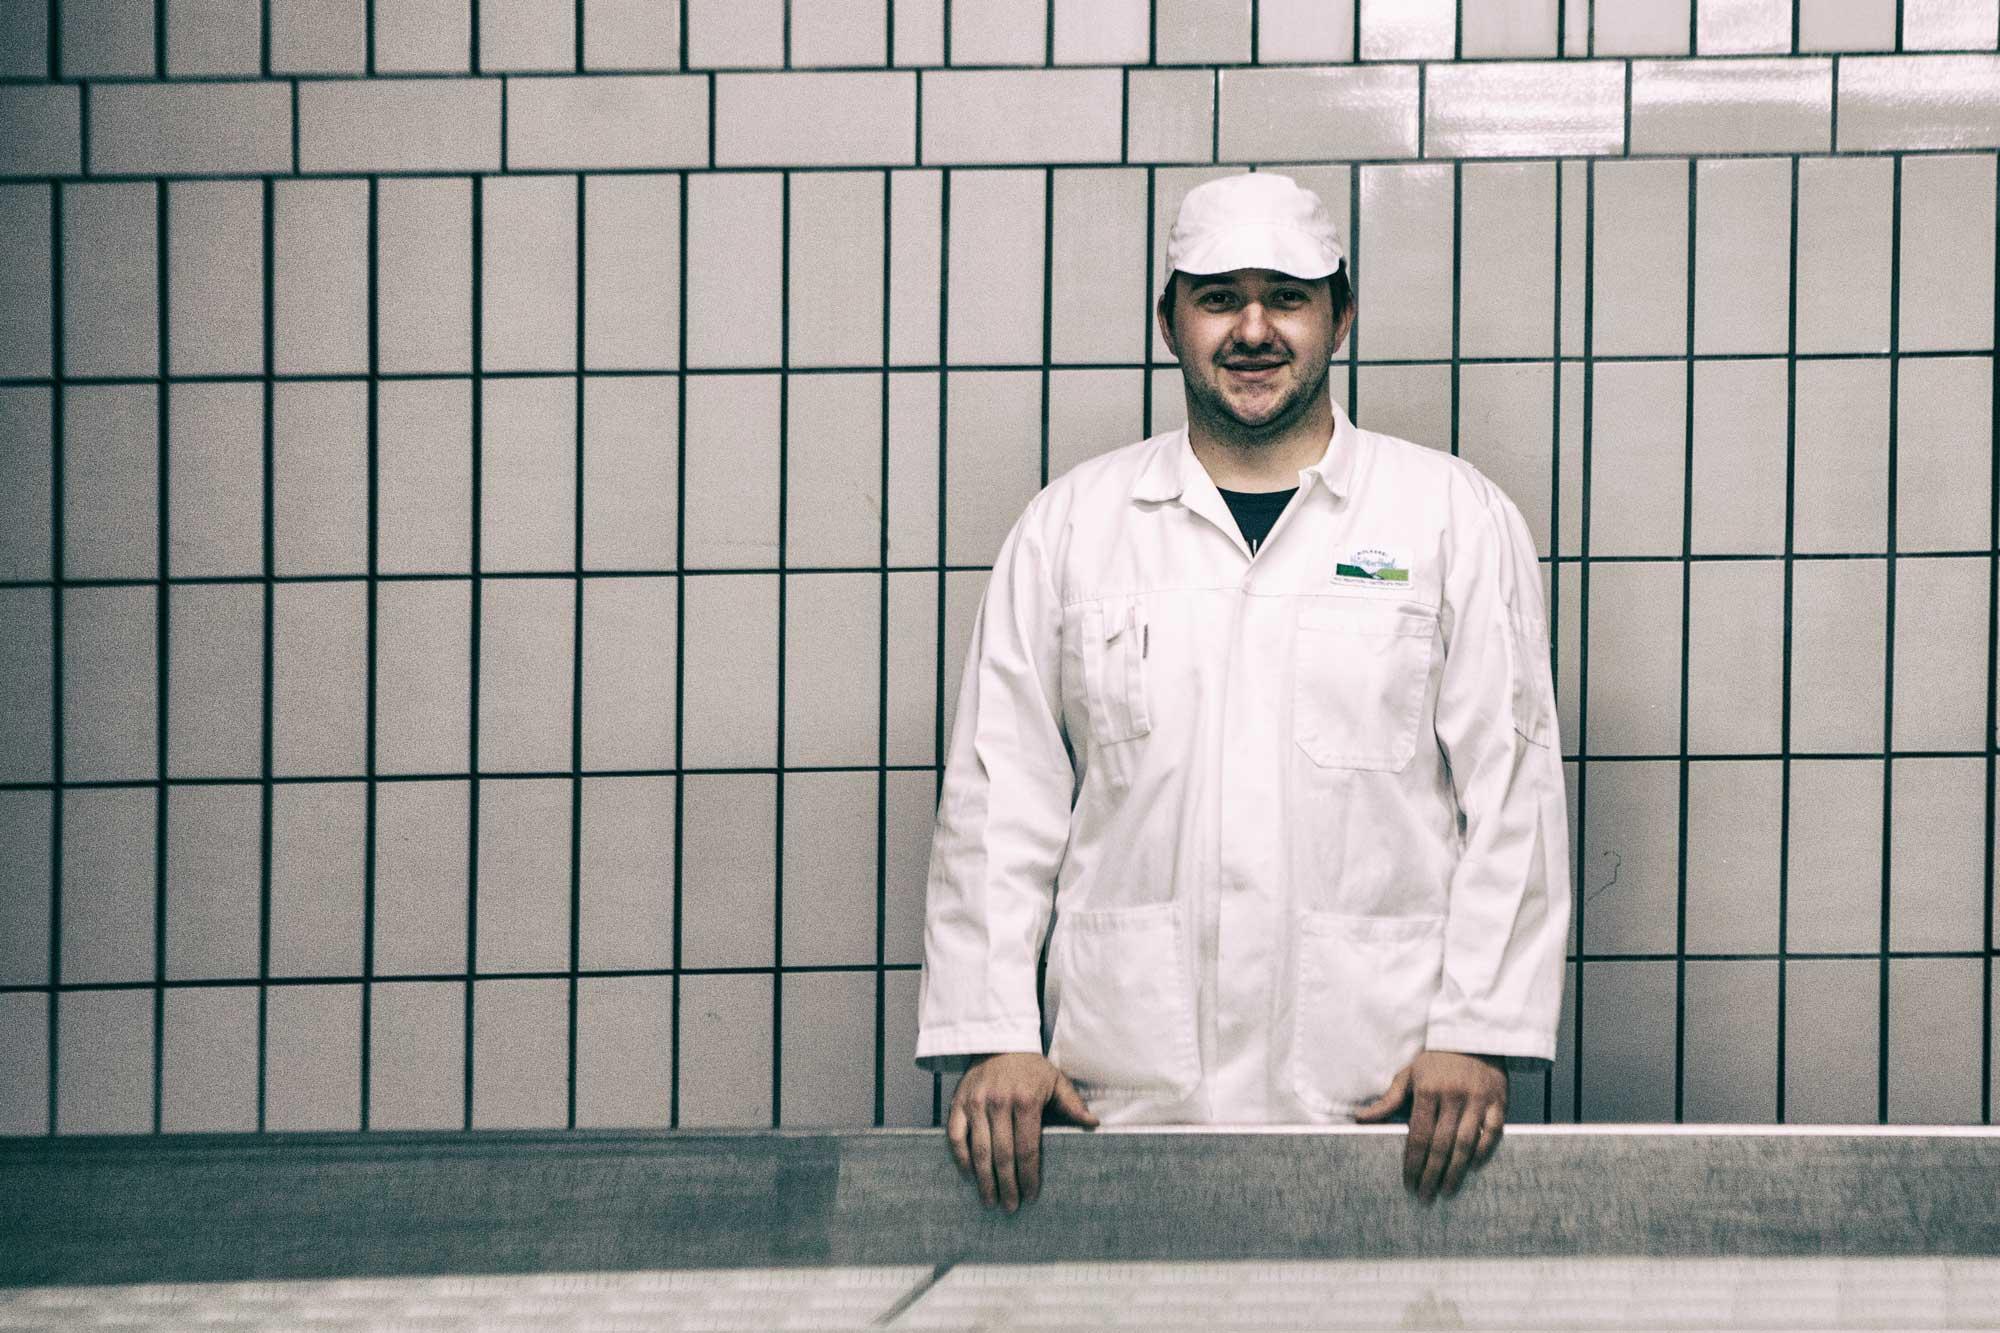 Patrick Hofmann, Betriebsleiter der Molkerei Hüttenthal